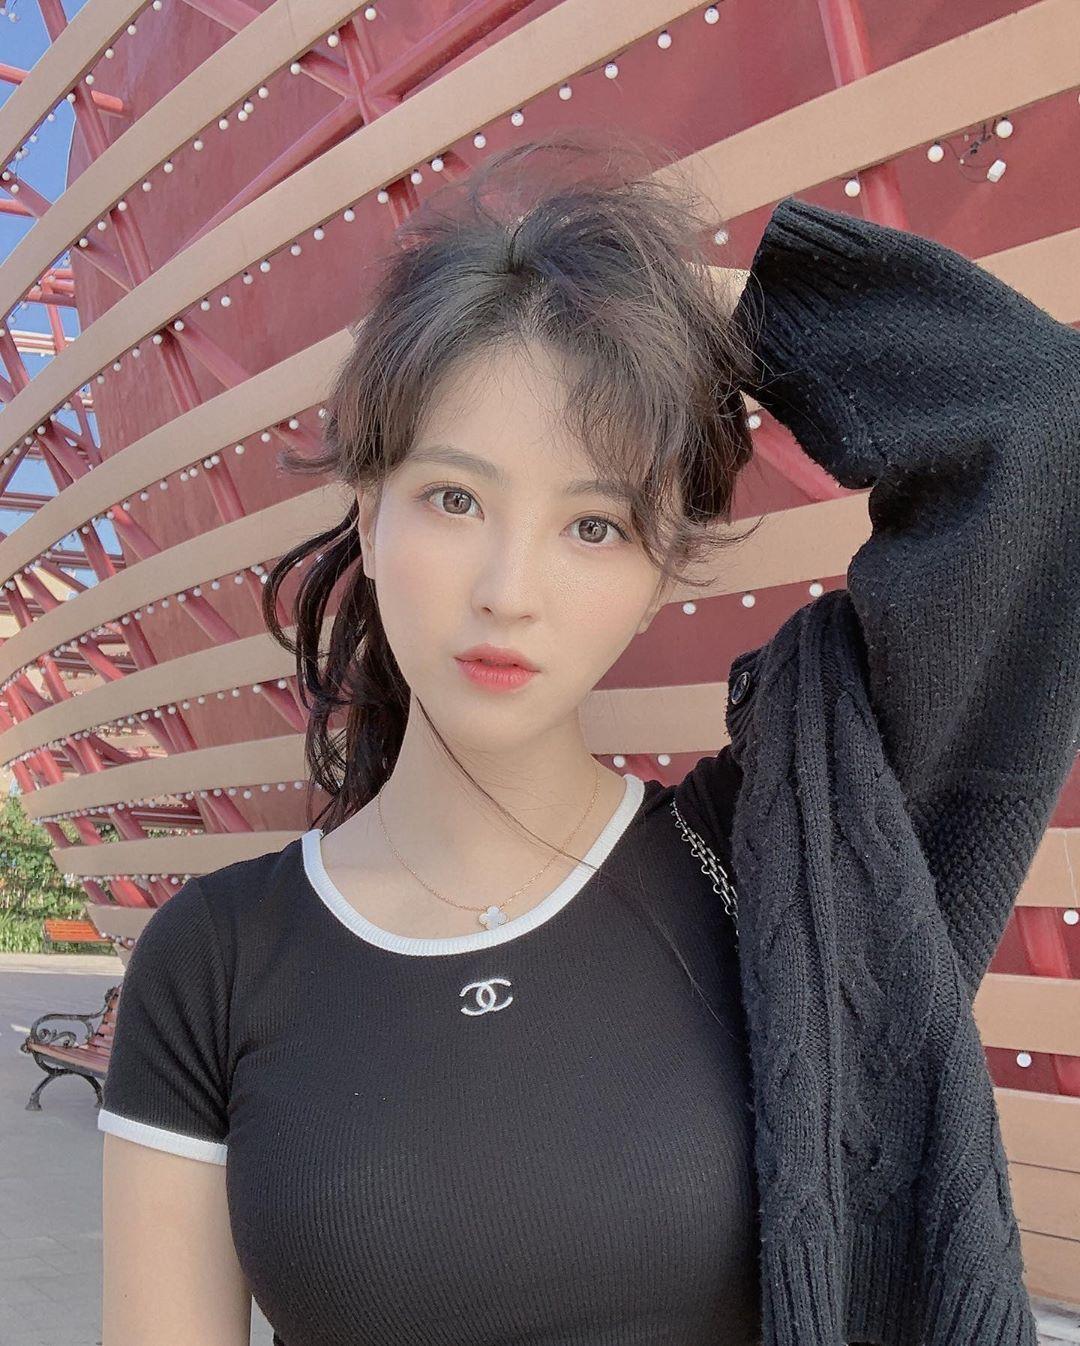 Jung Hye Sung Instagram : instagram, 정혜성, 인스타, 사진, 혜성, Instagram, Photos, Sung,